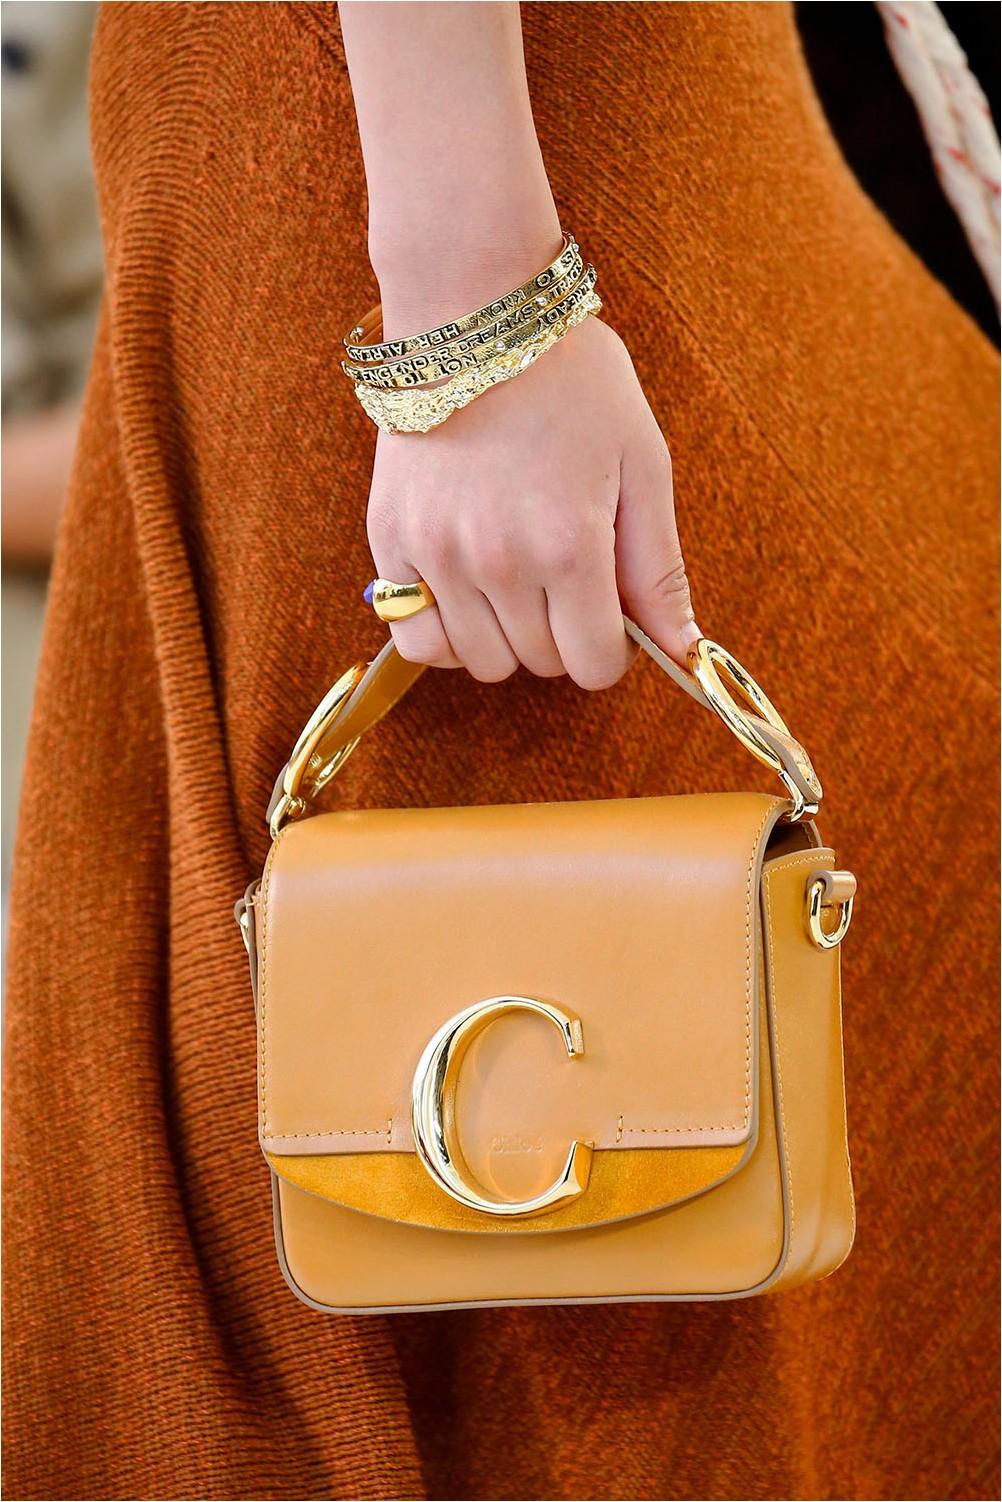 Bag handheld Chloé